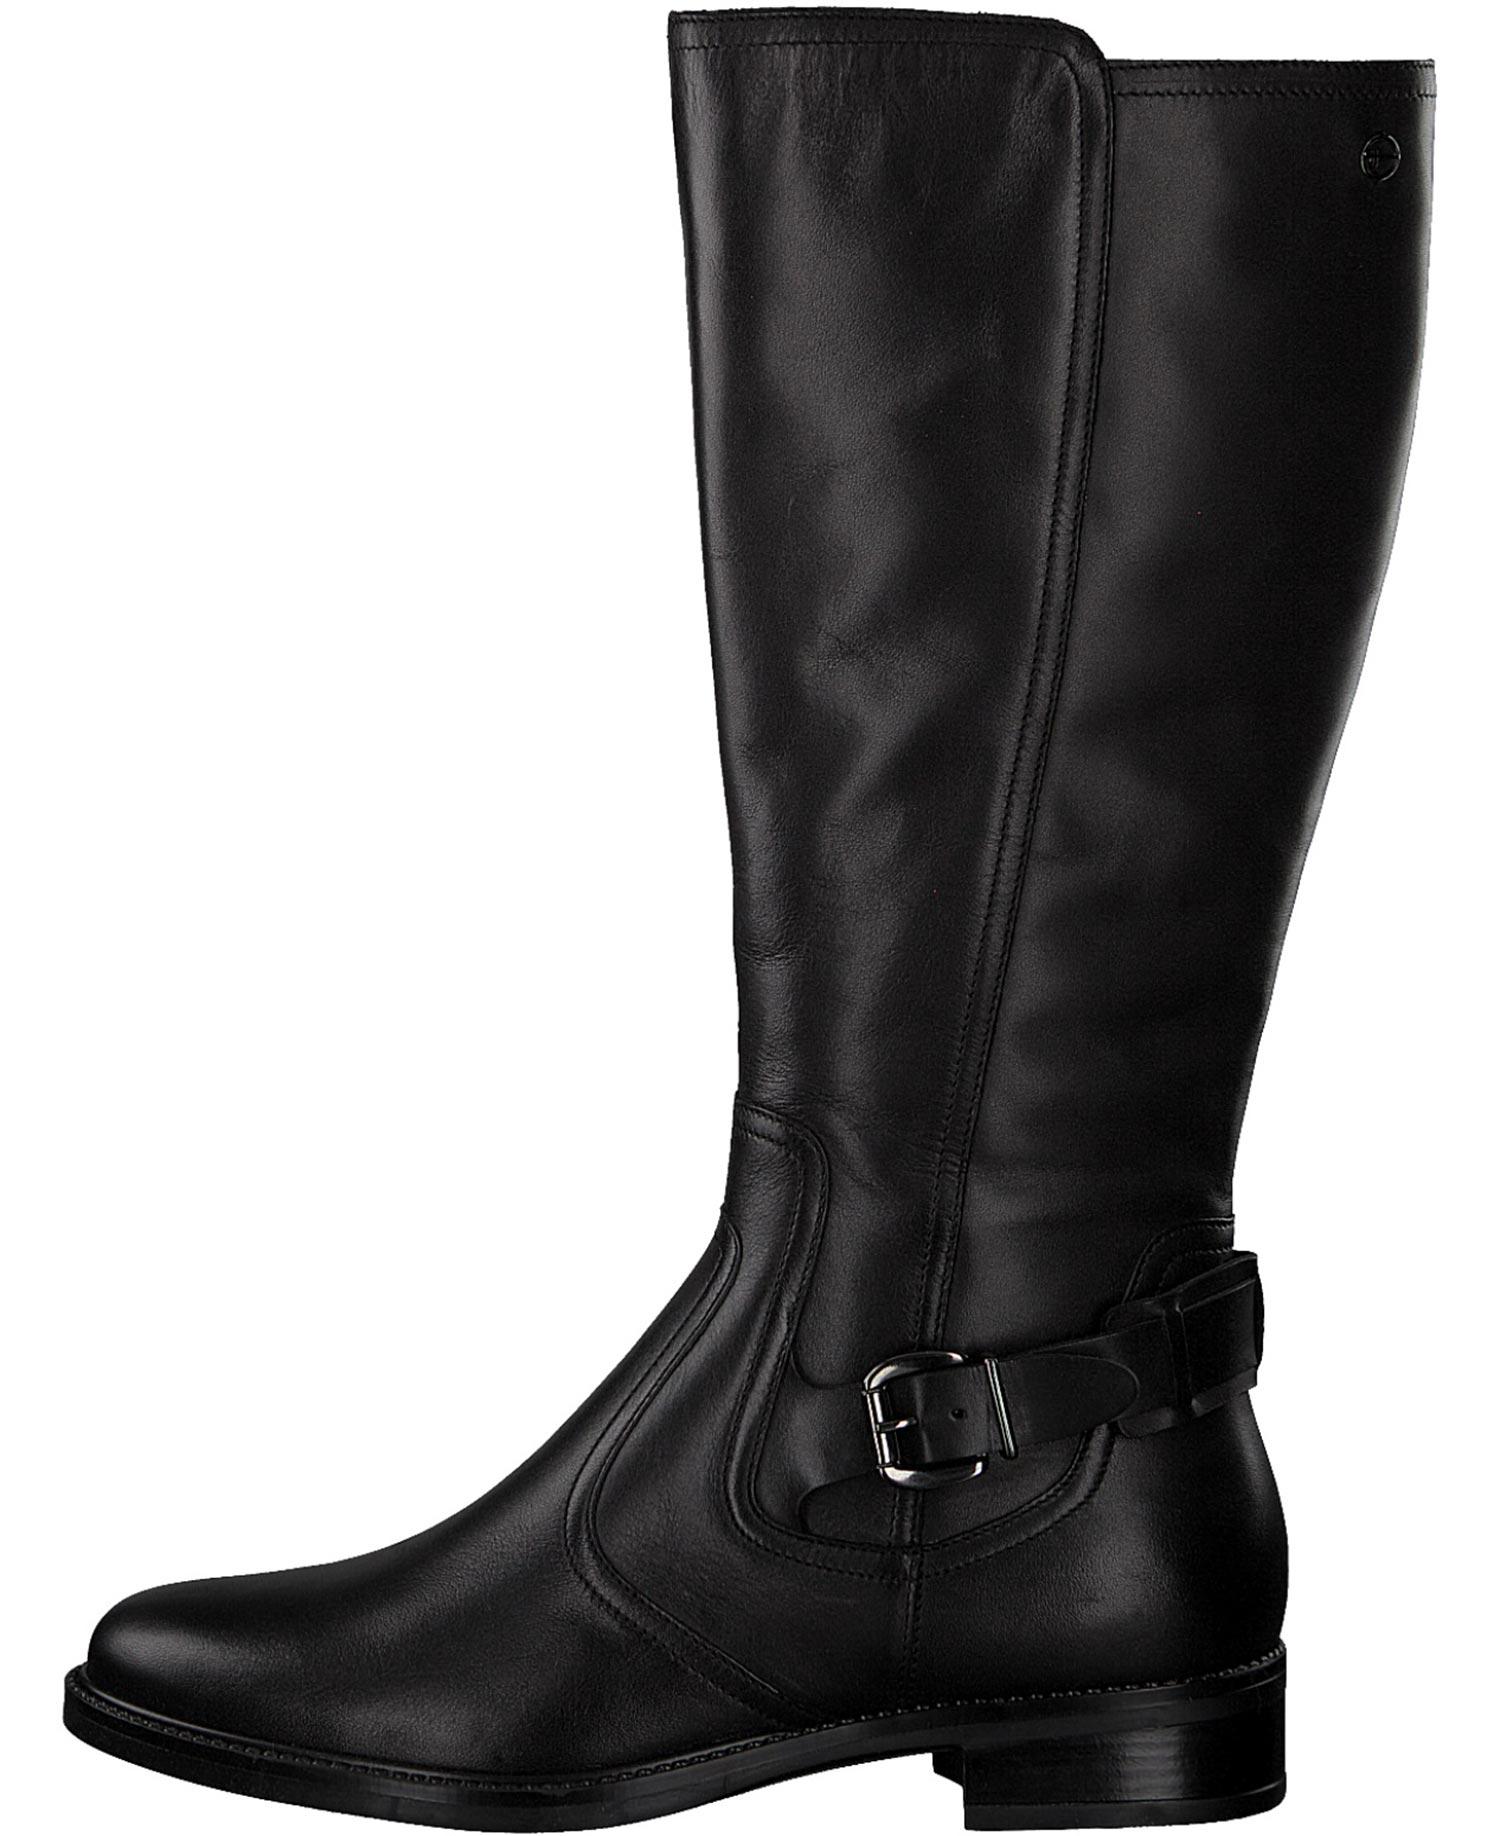 TAMARIS DAMEN STIEFEL Stiefeletten Boots Winter 25564 21001